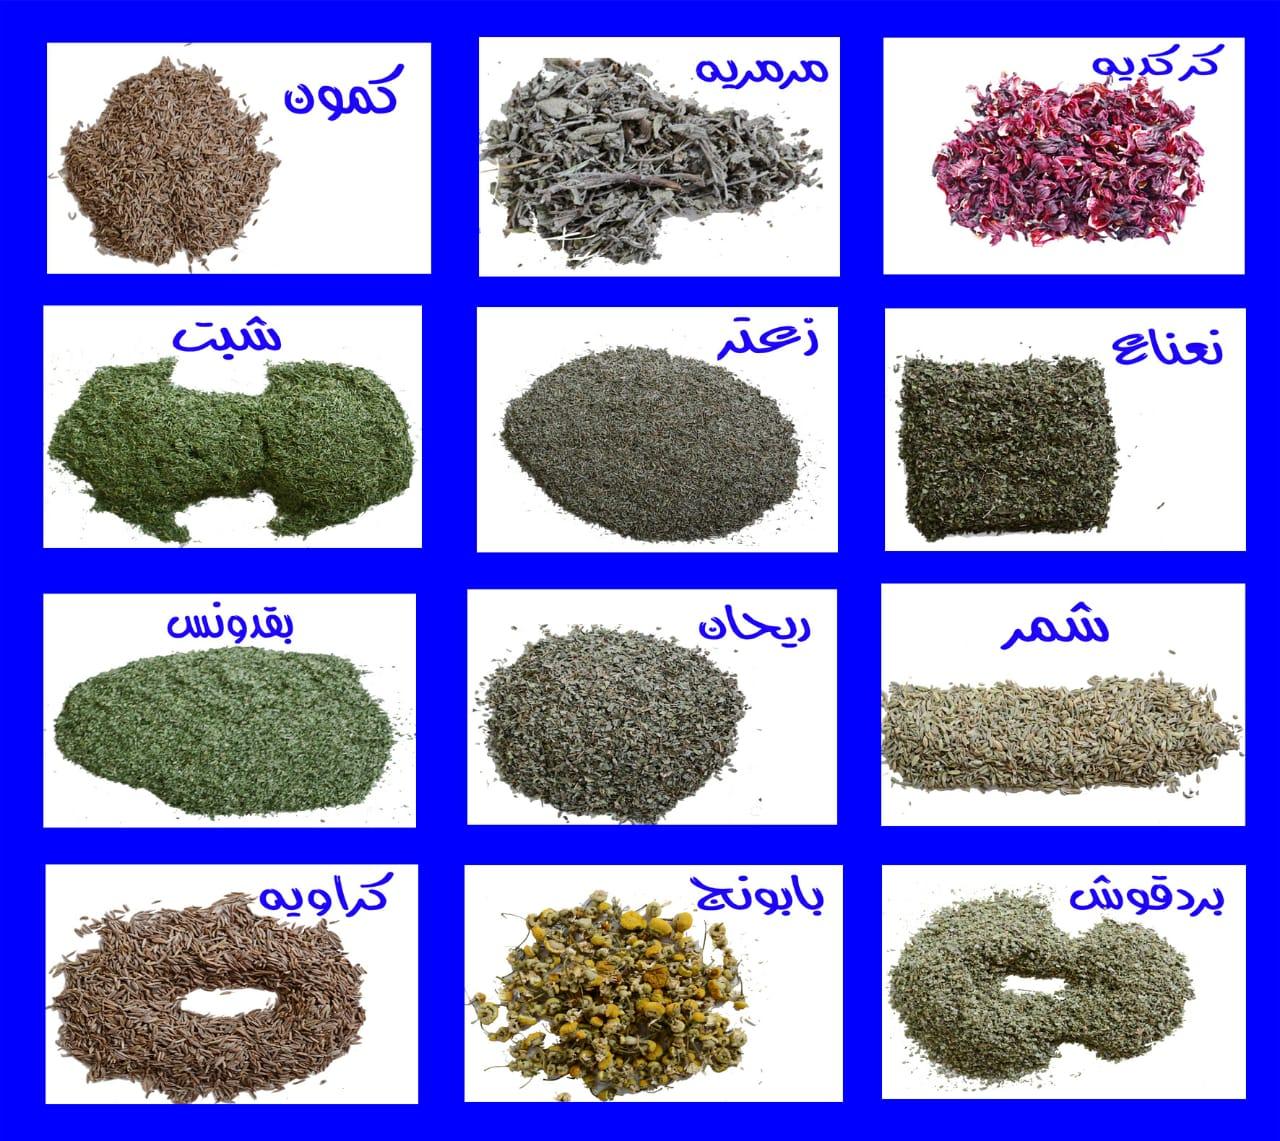 تصدير الاعشاب والتوابل والنباتات الطبيه Cover Image